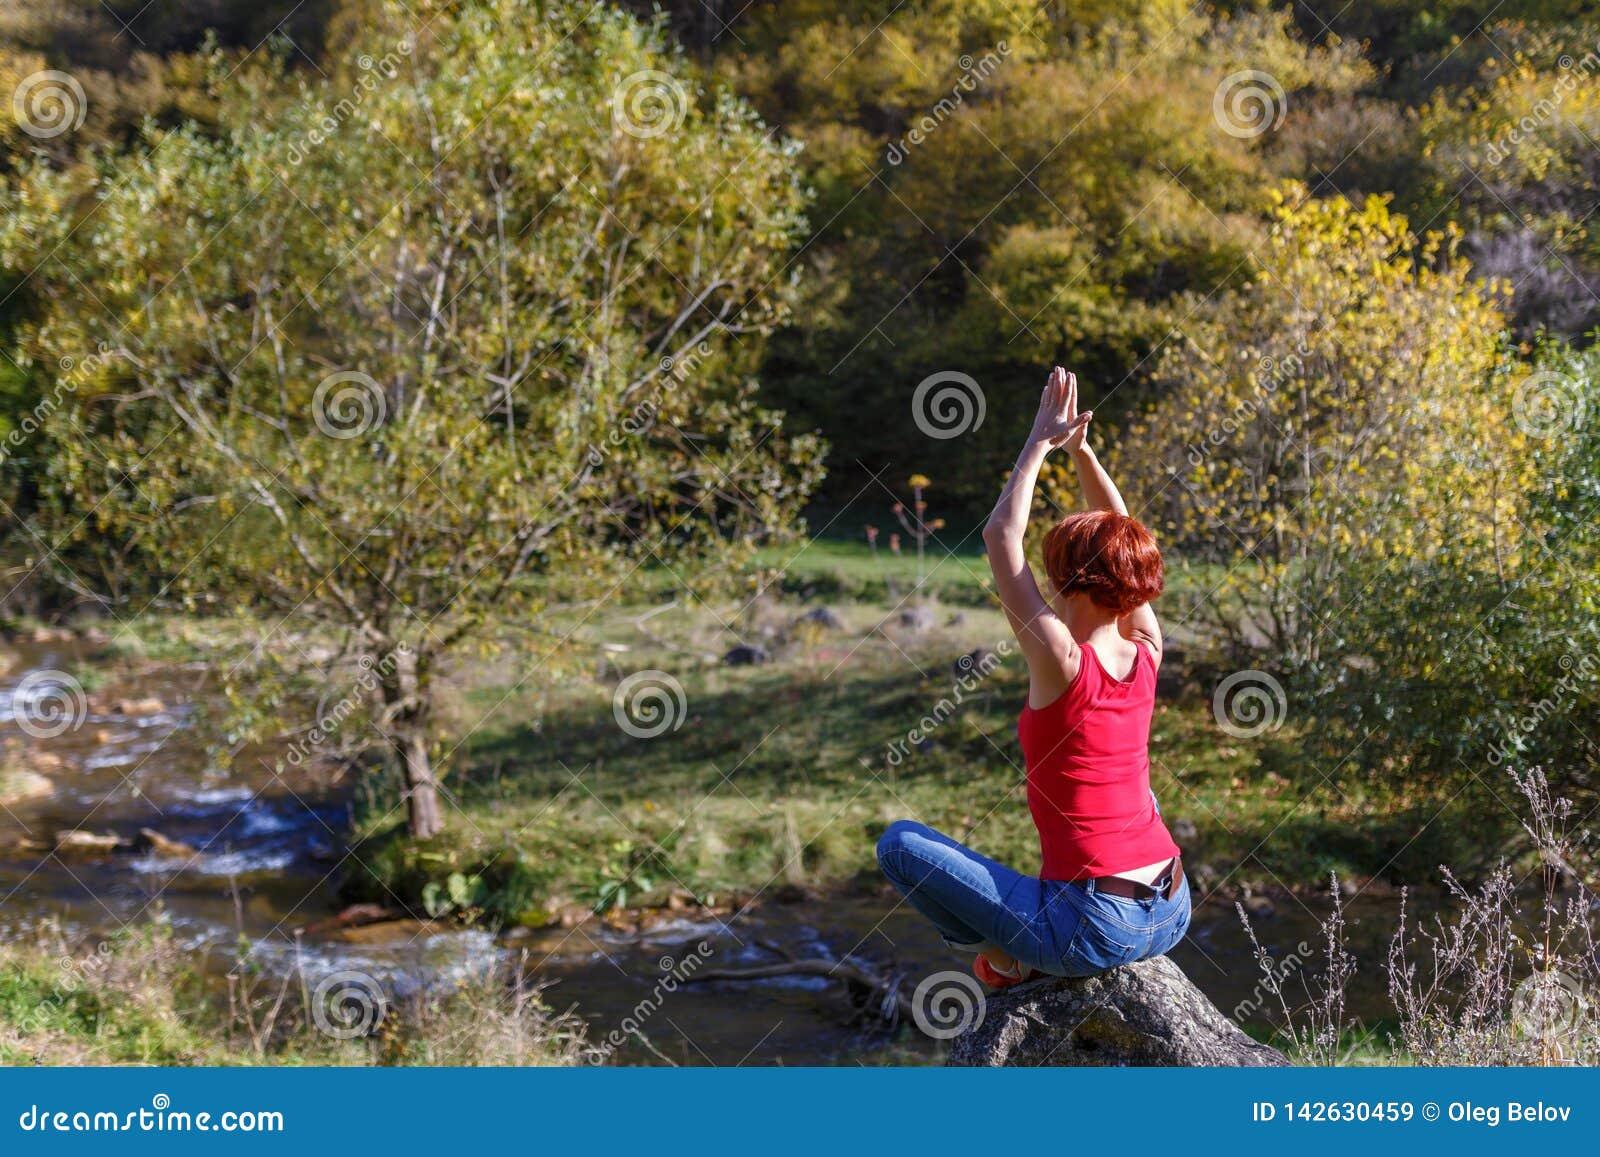 Junge Frau sitzt auf einem Stein und meditiert vor dem hintergrund eines Flusses und eines Waldes an einem sonnigen Herbsttag